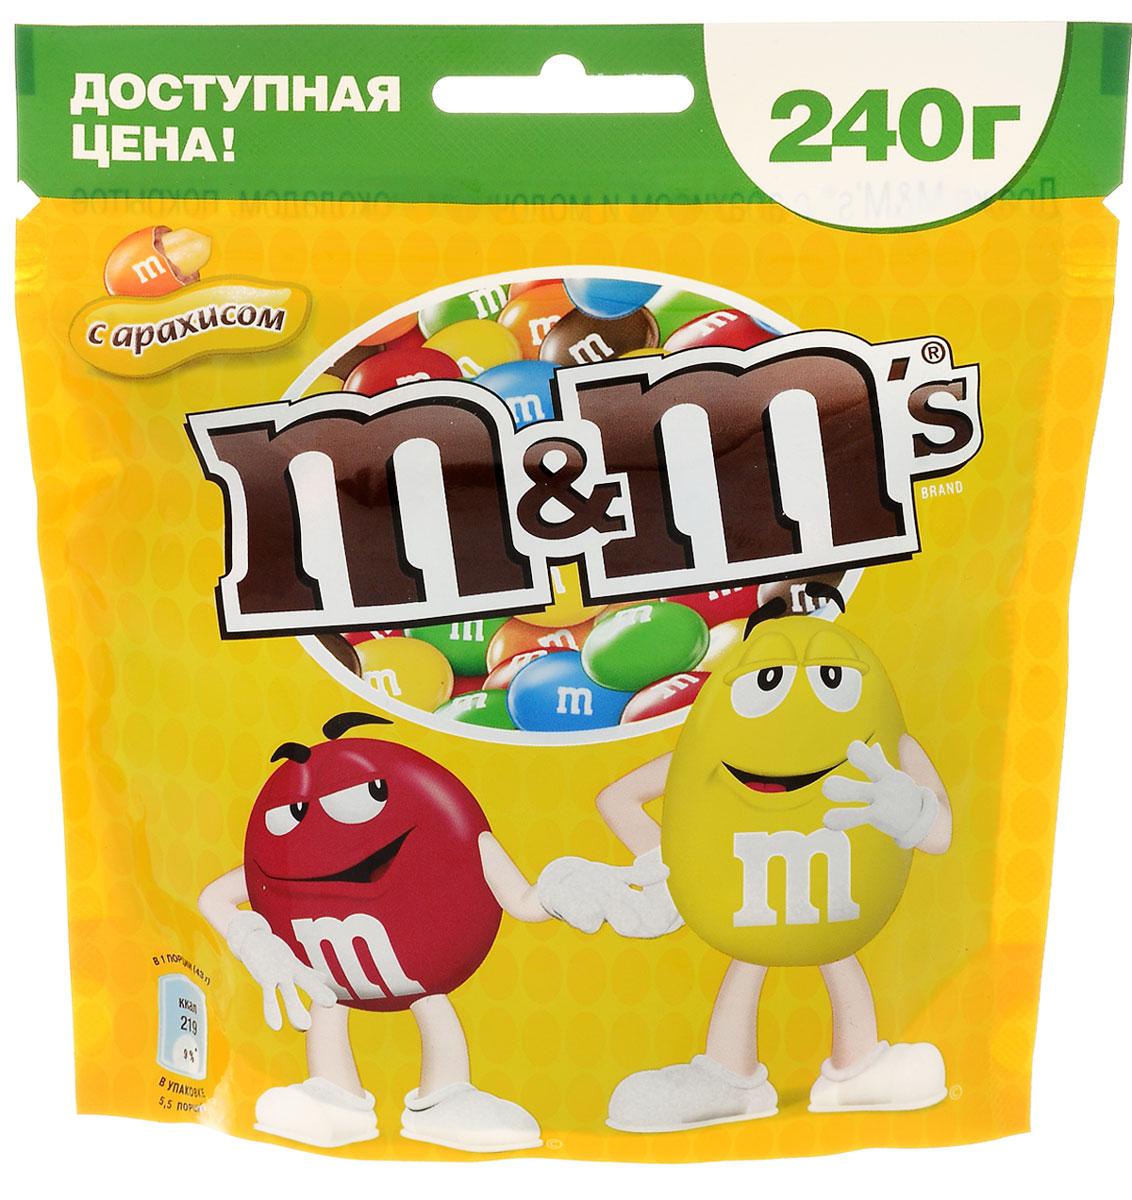 M&Ms Драже с арахисом и молочным шоколадом, 240 г10155584Драже с арахисом и молочным шоколадом, покрытое хрустящей разноцветной глазурью M&Ms - это больше веселых моментов для тебя и твоих друзей! Разноцветные драже можно съесть самому или разделить с друзьями. В любом случае, вкус отличного молочного шоколада и арахиса подарит вам удовольствие и радость. Уважаемые клиенты! Обращаем ваше внимание, что полный перечень состава продукта представлен на дополнительном изображении.